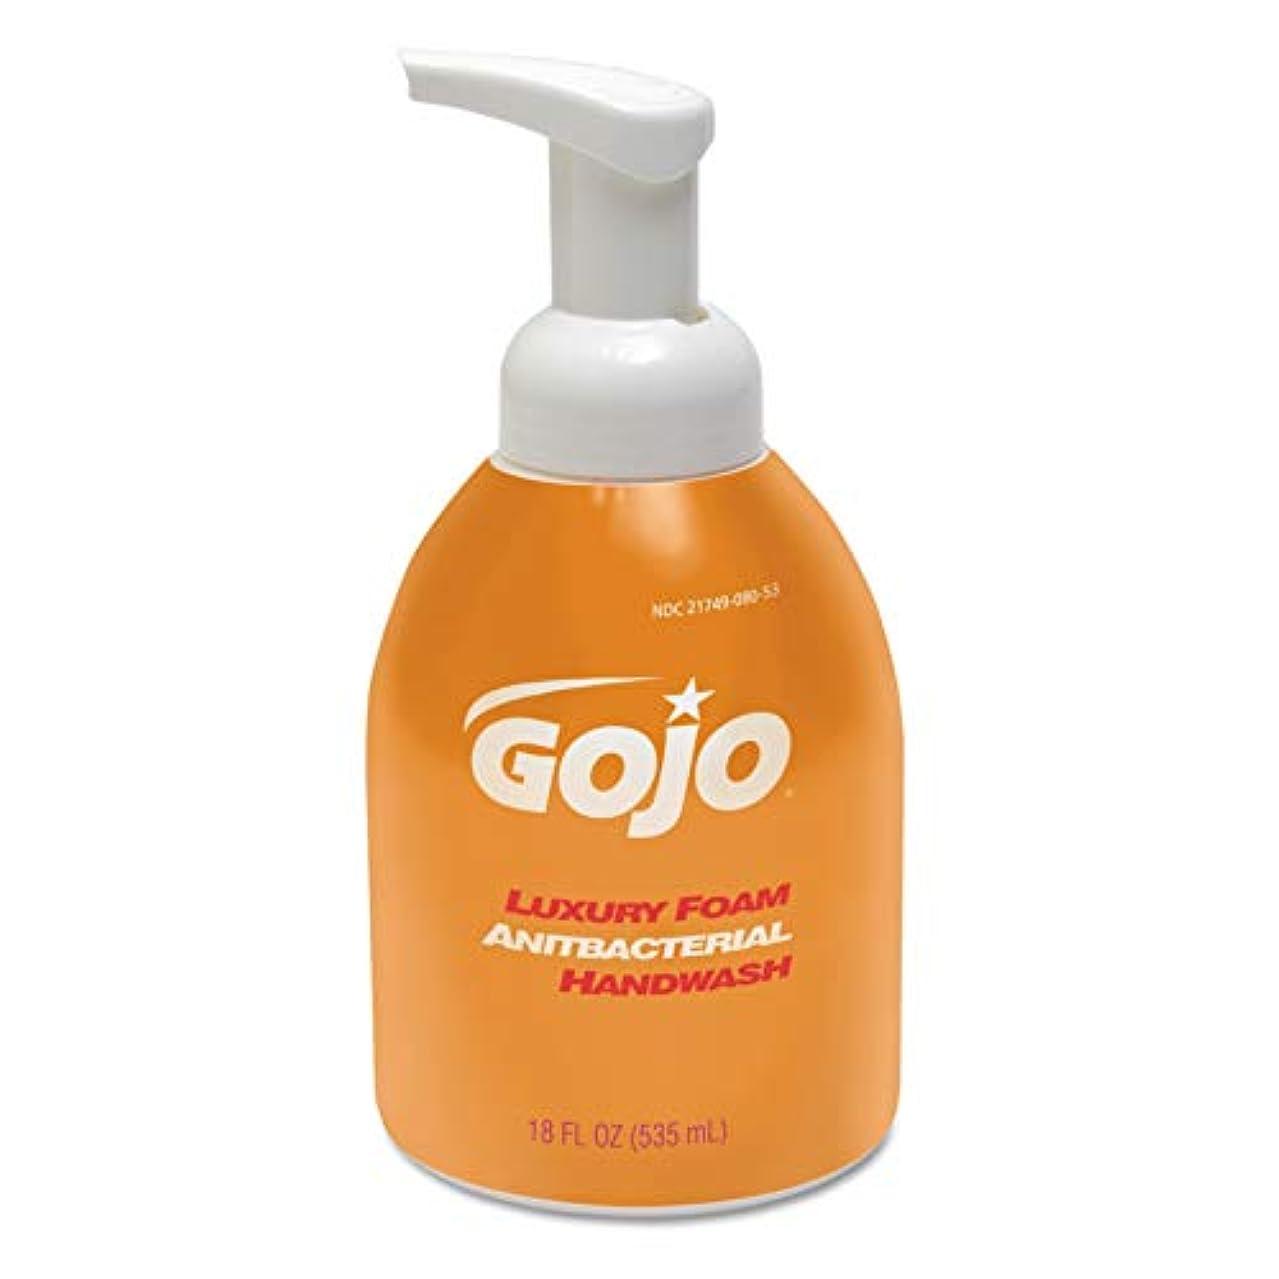 ハグ従順なフロンティアLuxury Foam Antibacterial Handwash, Orange Blossom, 18 oz Pump (並行輸入品)